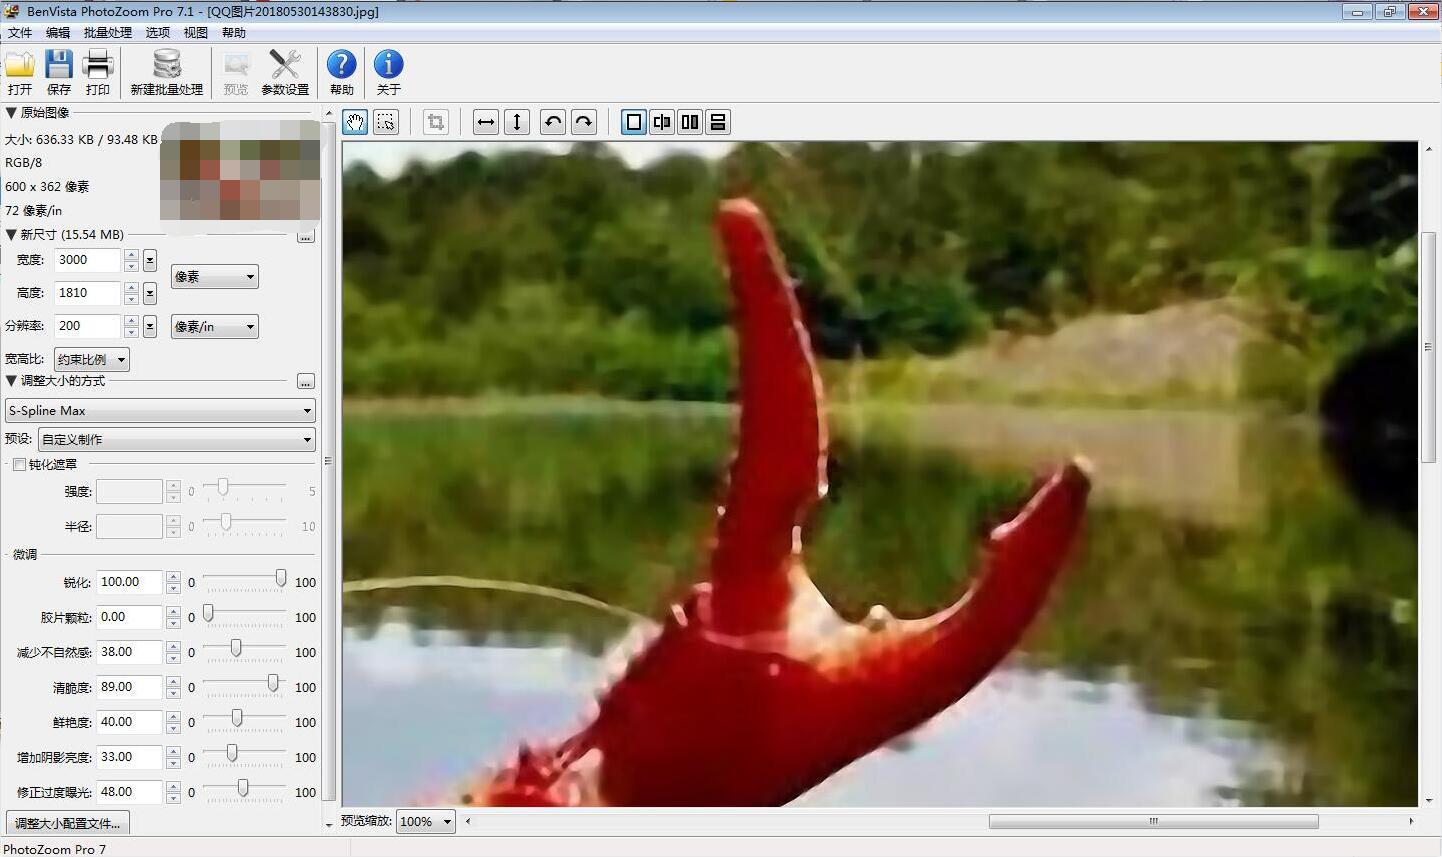 用PhotoZoom放大后的图,你能看出来这是什么吗?